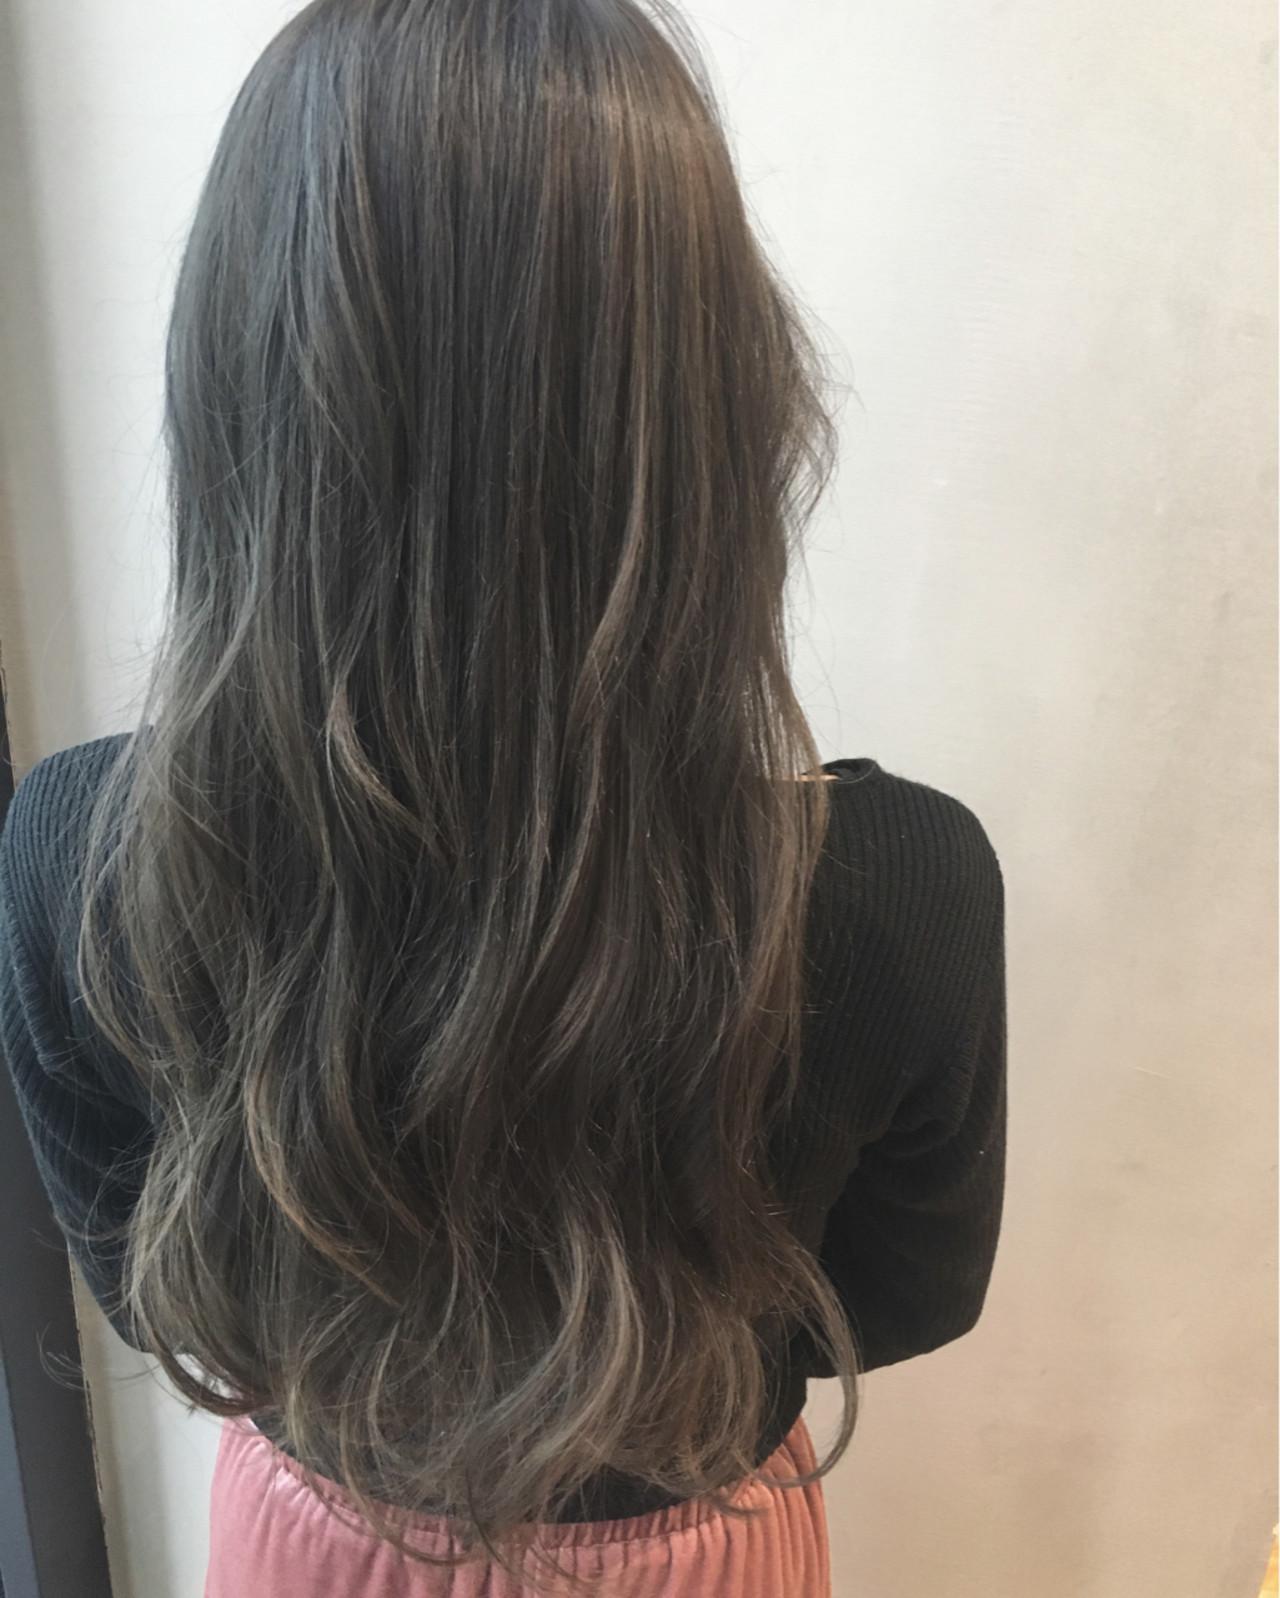 ハイライト ナチュラル グラデーションカラー 暗髪ヘアスタイルや髪型の写真・画像